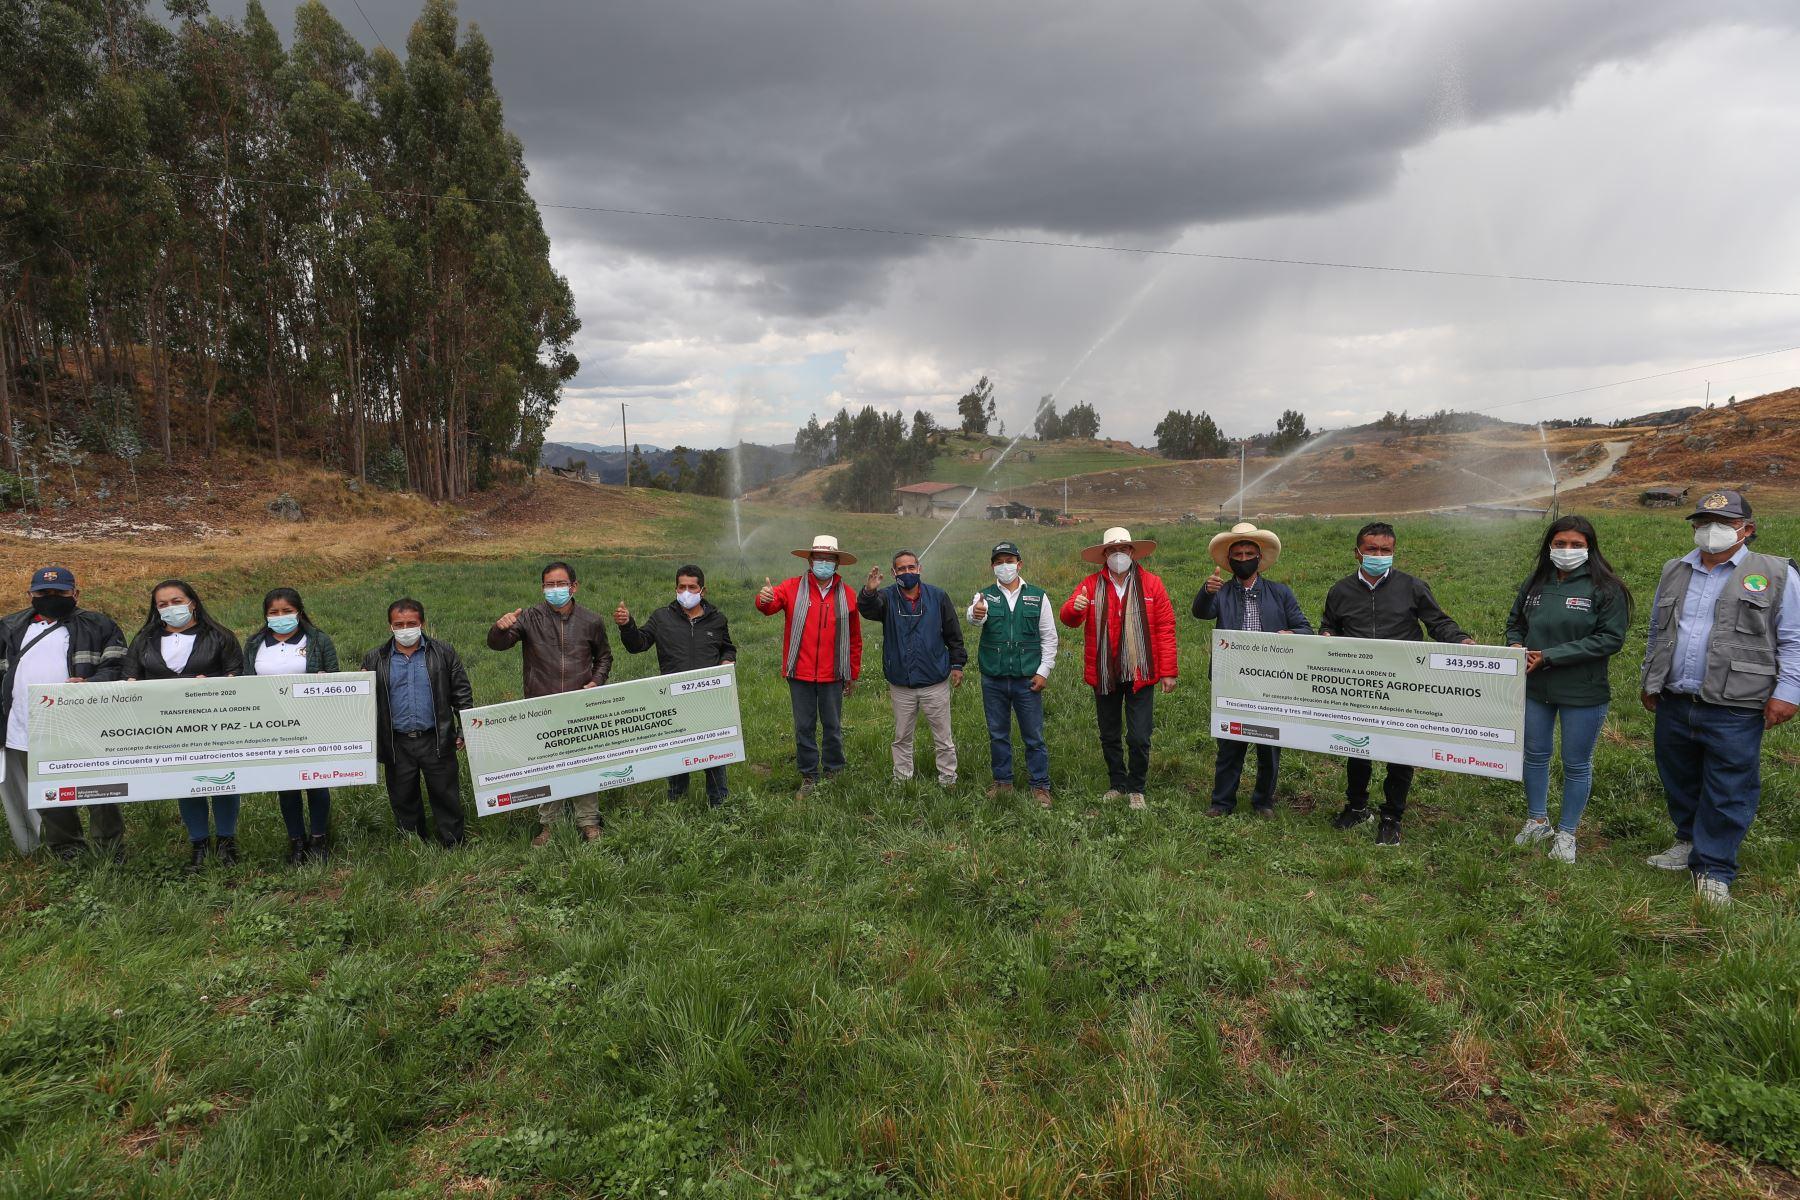 Jefe del Gabinete, Walter Martos, junto al ministro de Agricultura, Jorge Montenegro y el gobernador regional de Cajamarca, Mesías Guevara; participa en lanzamiento del Mercado de Productores Agropecuarios en la región.  Foto: ANDINA/PCM